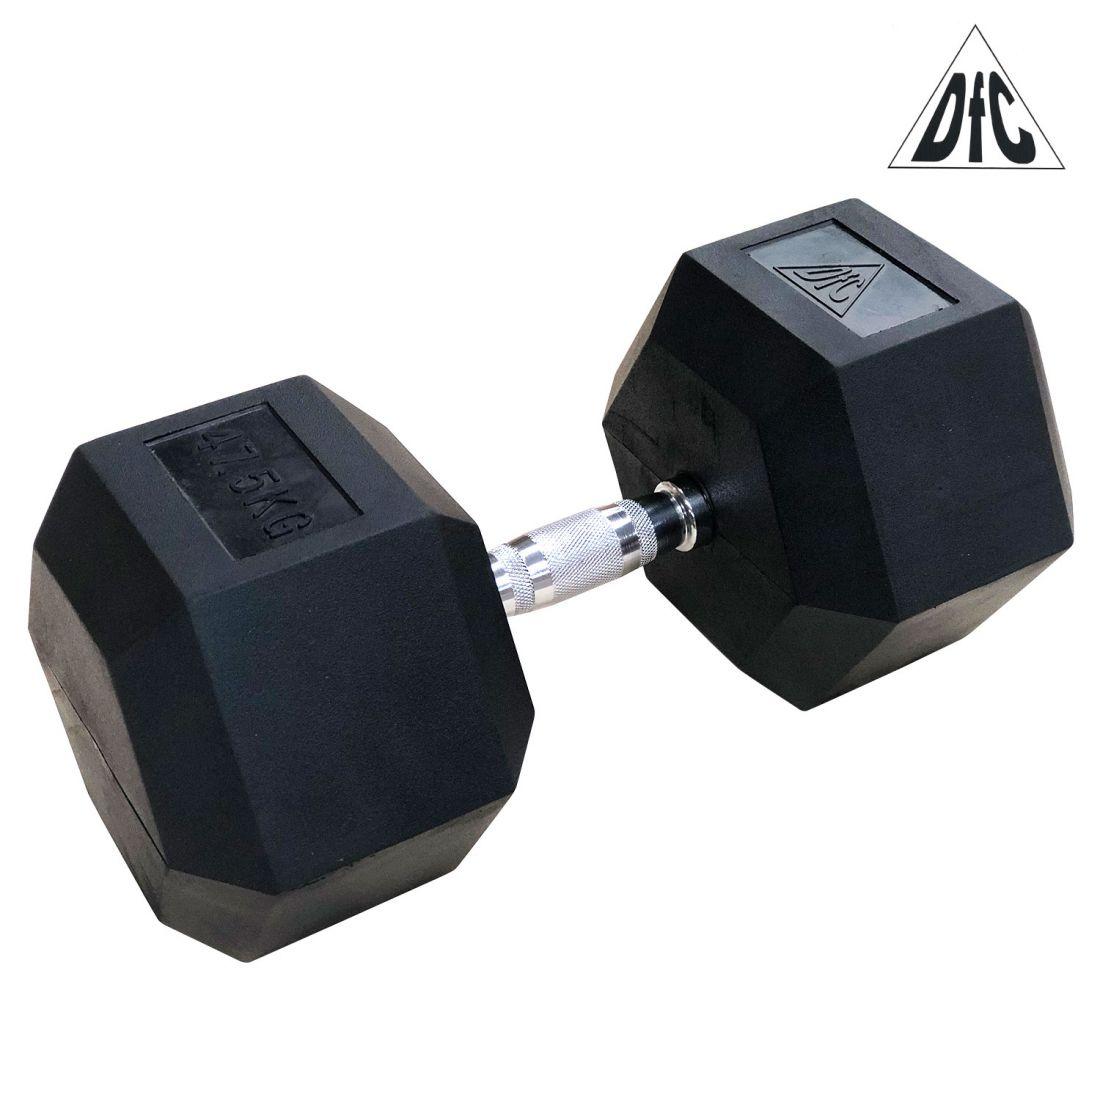 Гантели DFC гексаг. обрезиненная пара 47.5 кг DB001-47.5